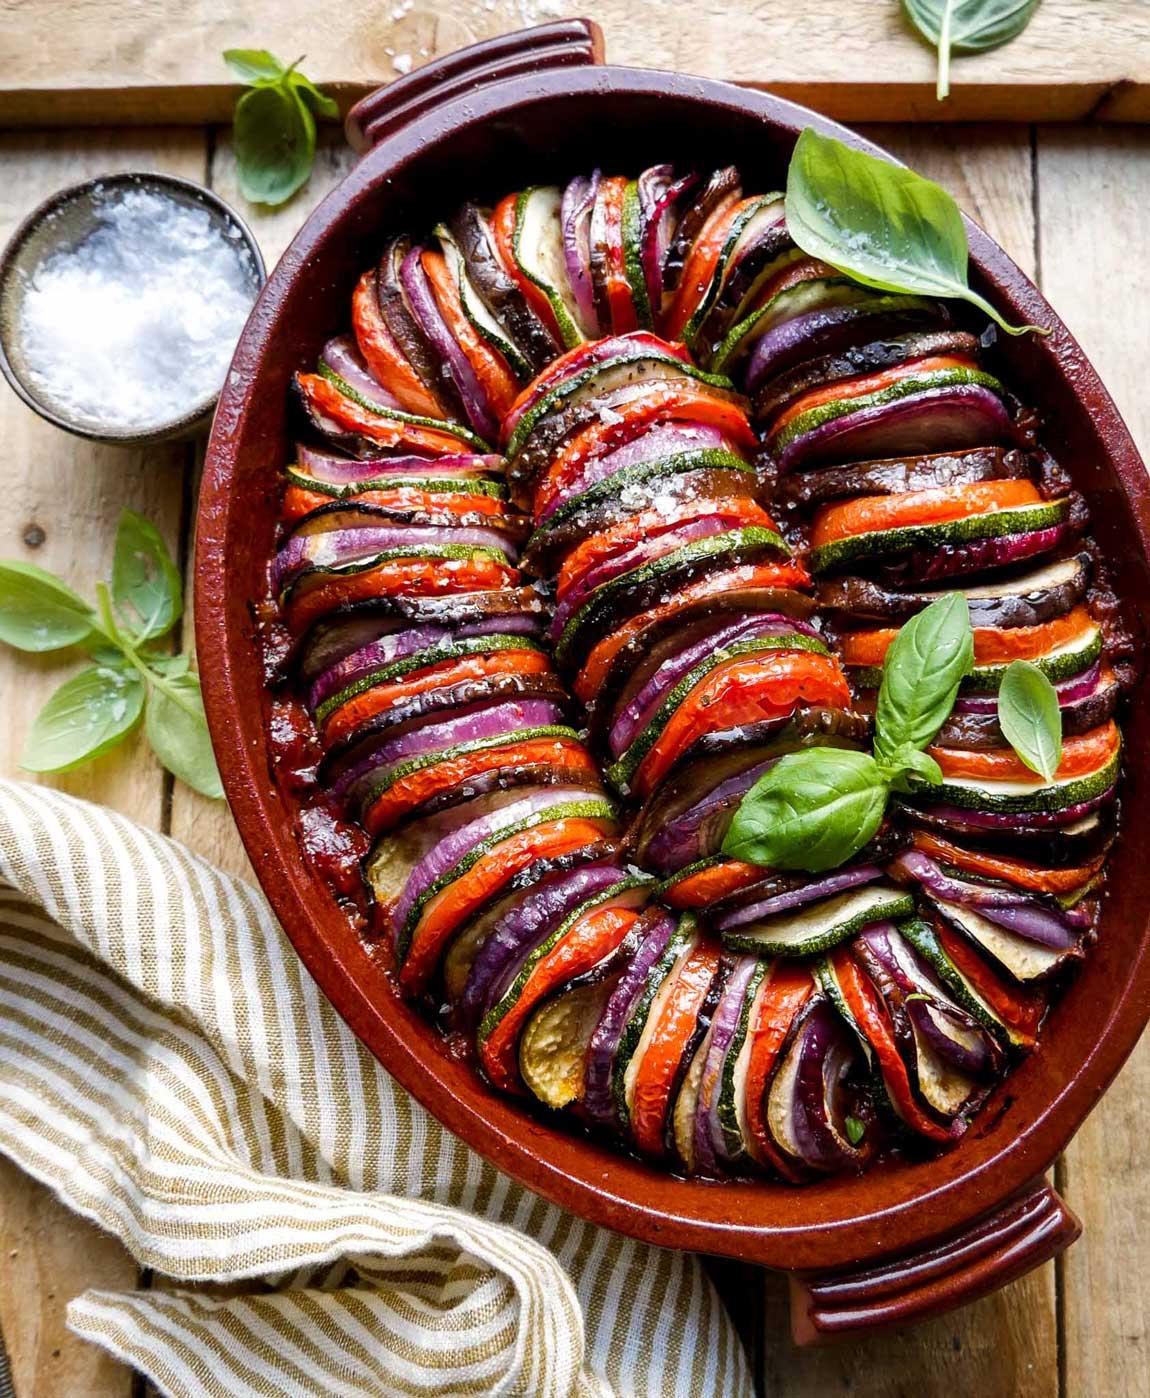 Ratatouille opskrift med tomat, og grøntsager tilbehør